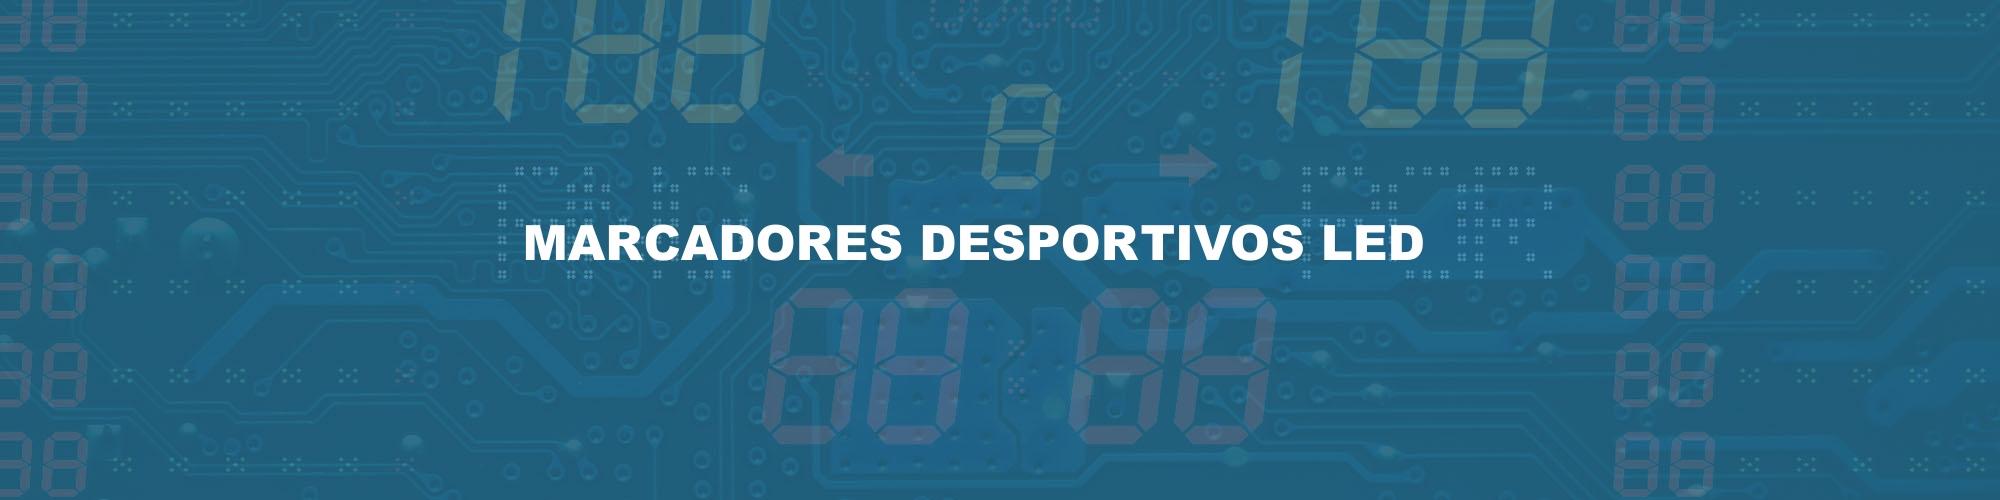 Banner Marcadores Desportivos LED